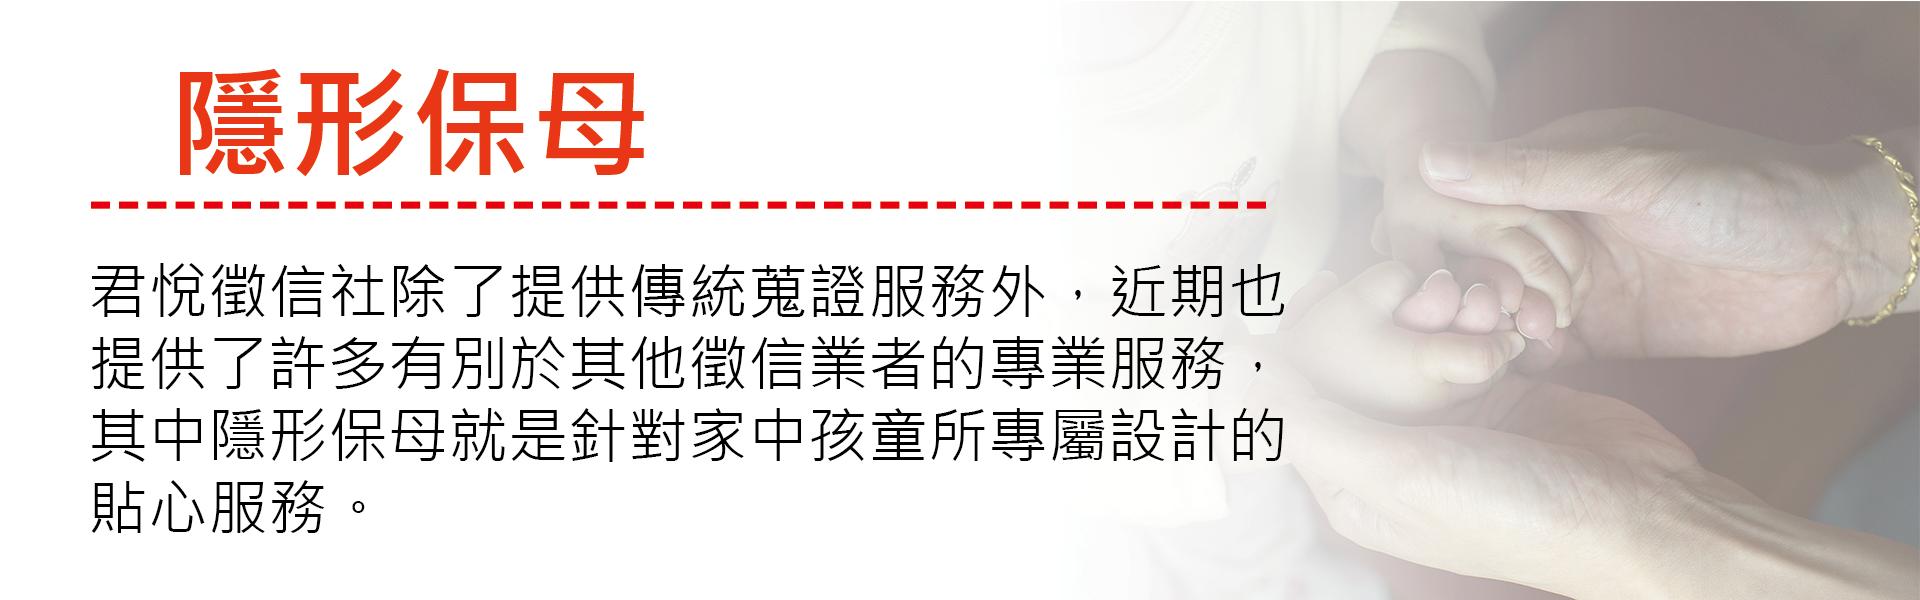 隱形保母,君悅徵信社除了提供傳統蒐證服務外,近期也提供了許多有別於其他徵信業者的專業服務,其中隱形保母就是針對家中孩童所專屬設計的貼心服務。